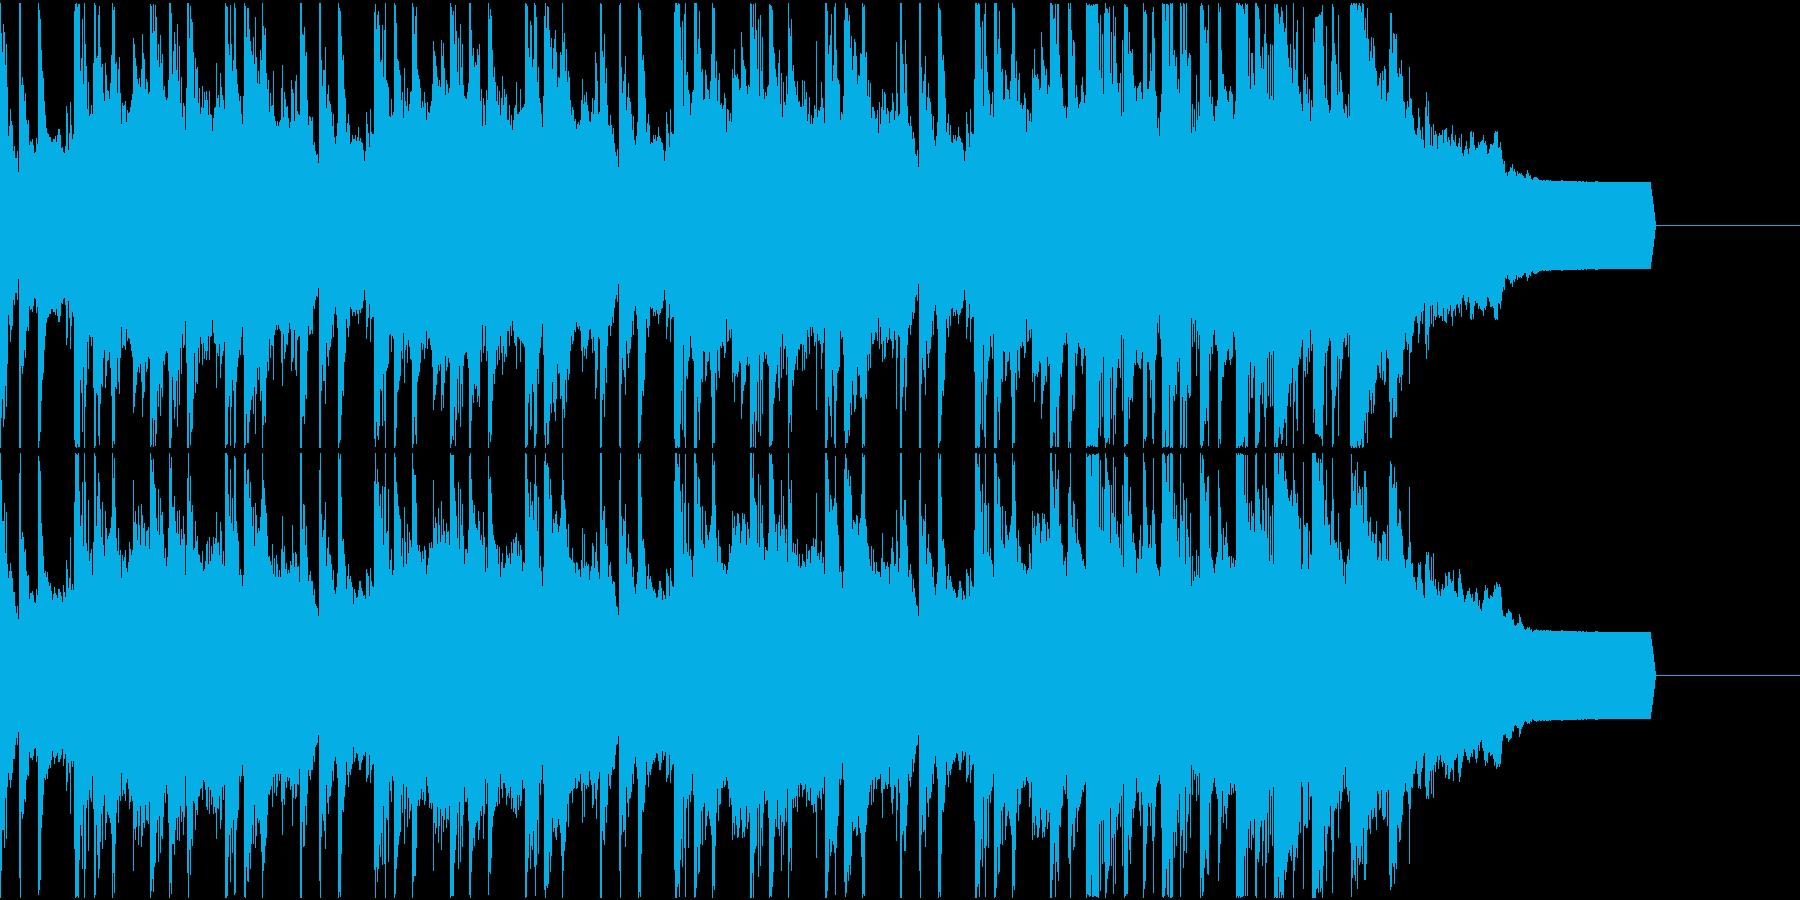 ミディアムテンポの展開感のあるジングルの再生済みの波形